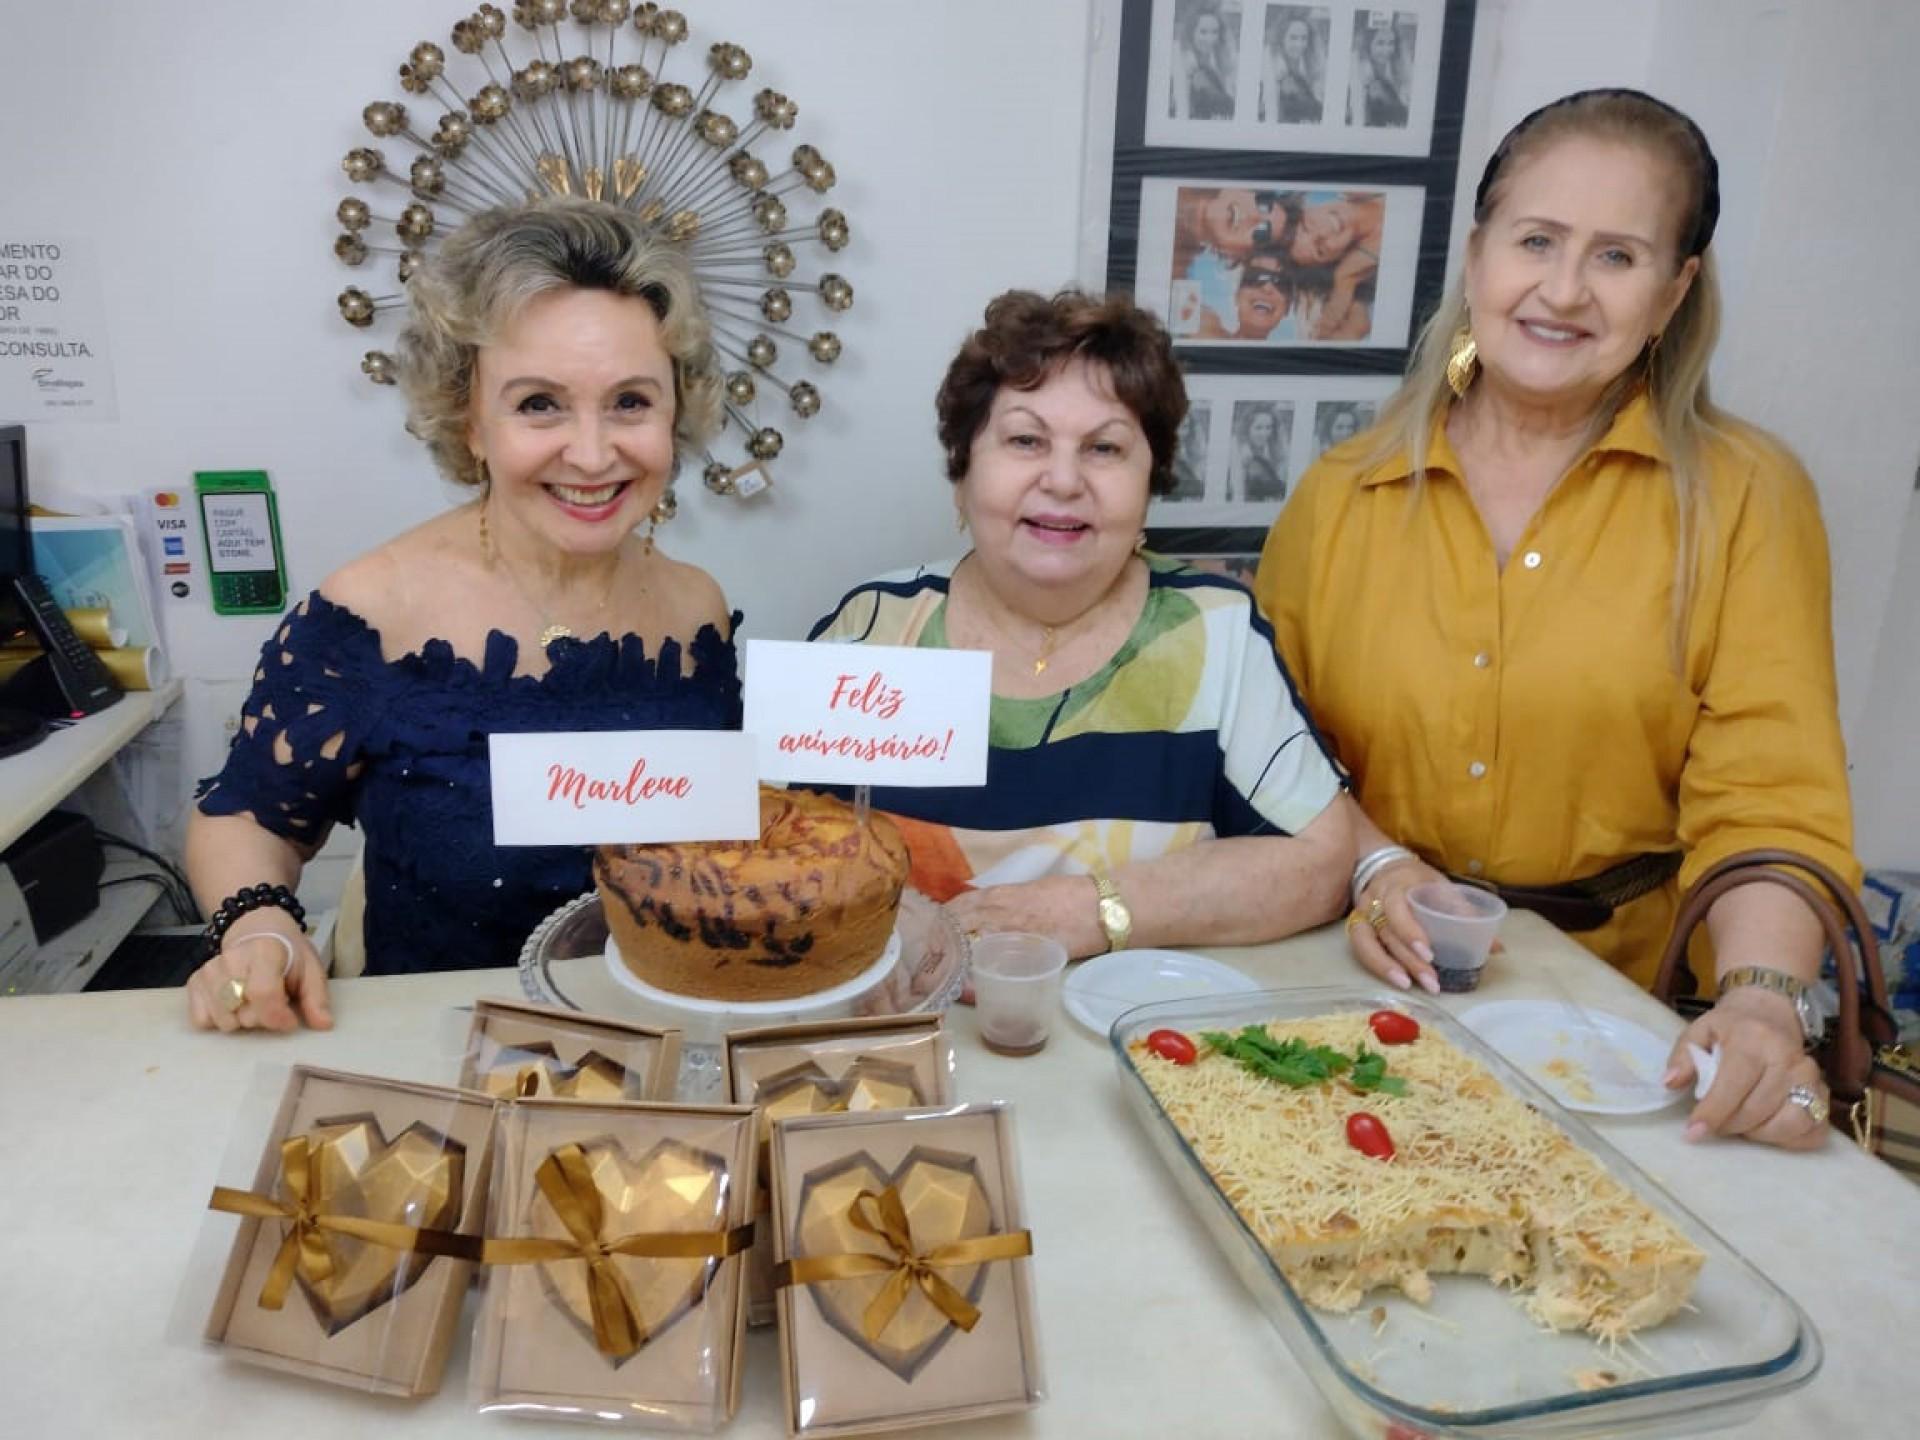 Marlene Daher, na foto com as amigas Maria Vanda Sá e Regina Fiúza Ximenes, ganhou das duas festejos pela sua troca de idade, na loja de presentes de Maria Vanda. Tudo com as cores do carinho